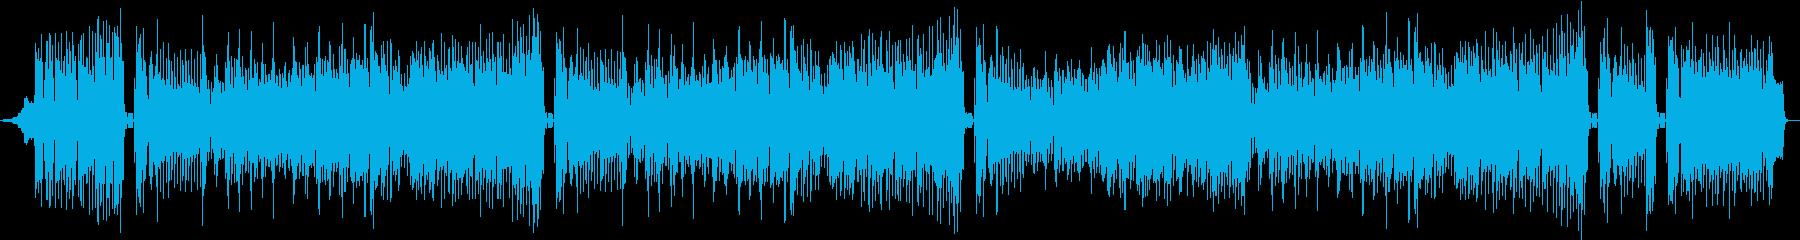 ピアノメロディーの明るいシャッフルマーチの再生済みの波形